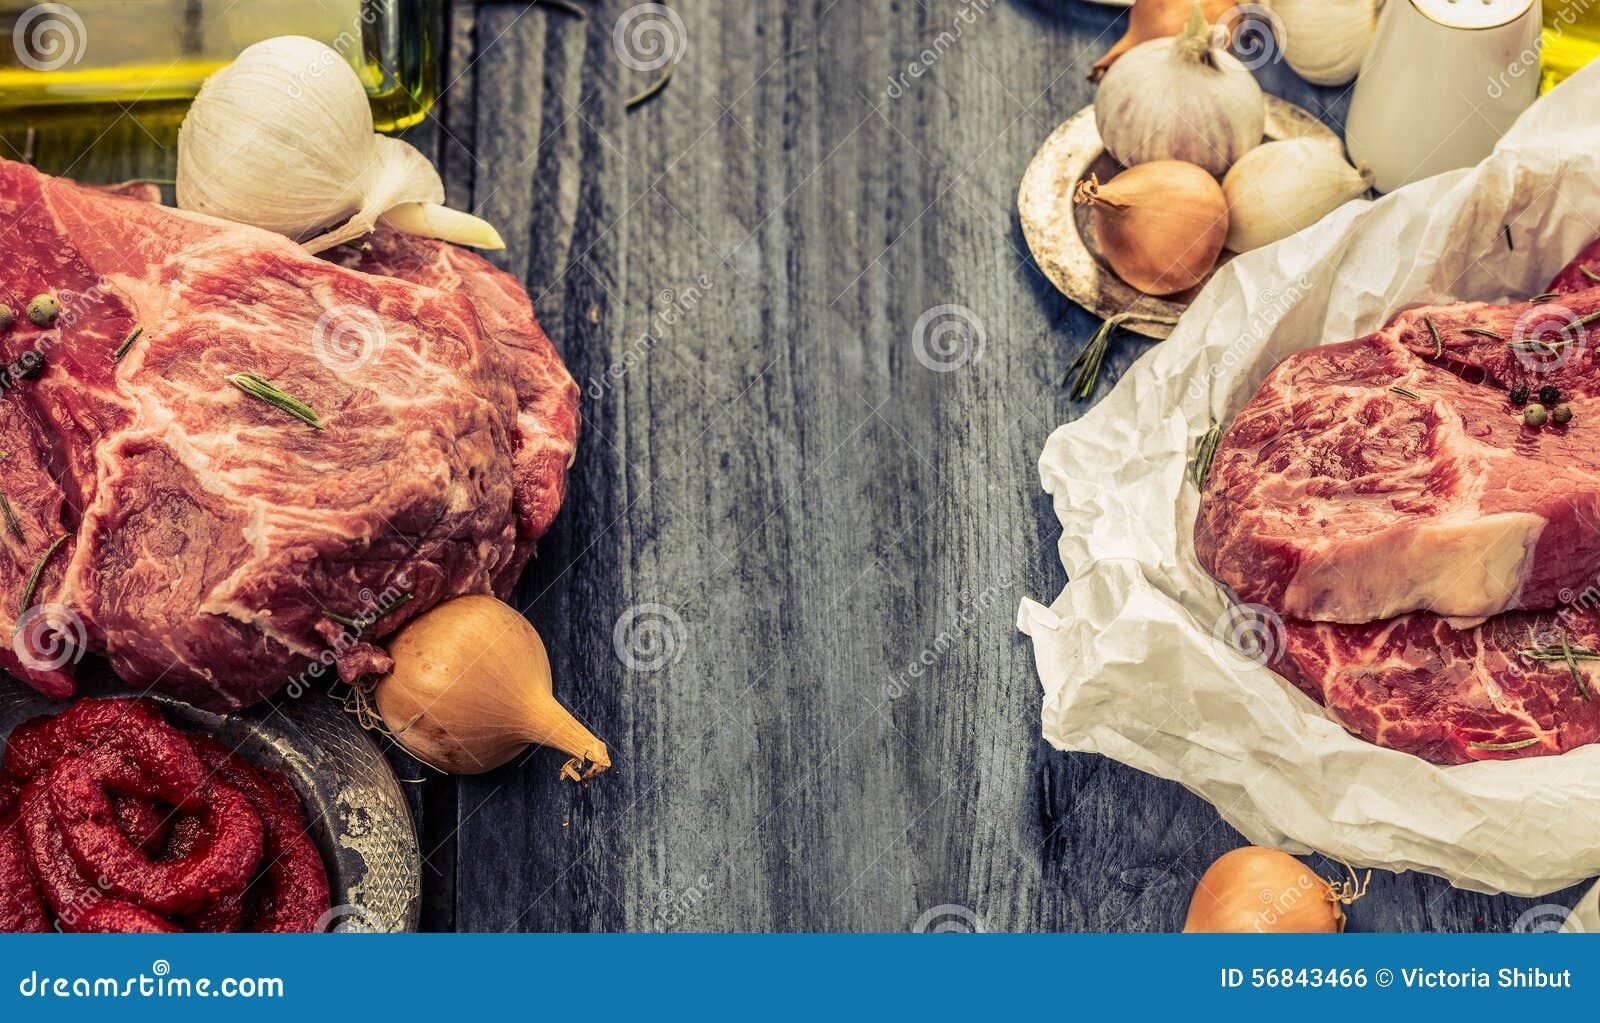 Viande marbrée fraîche crue en papier avec le pétrole et les épices sur le fond en bois rustique, bannière pour le site Web avec